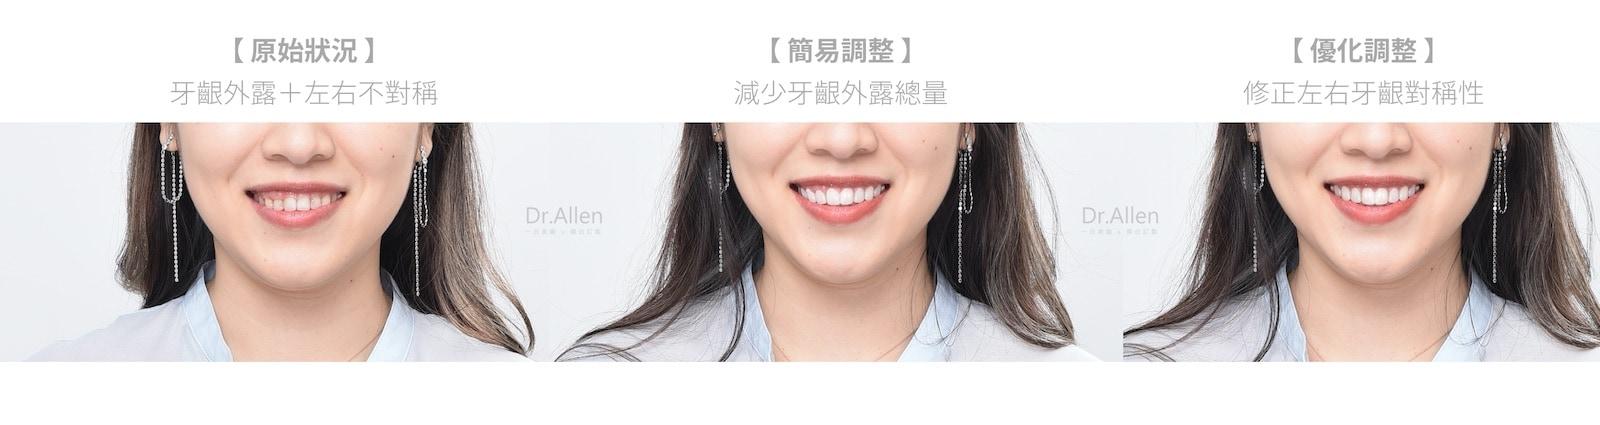 牙齦整形-牙齦外露-陶瓷貼片-台中牙醫